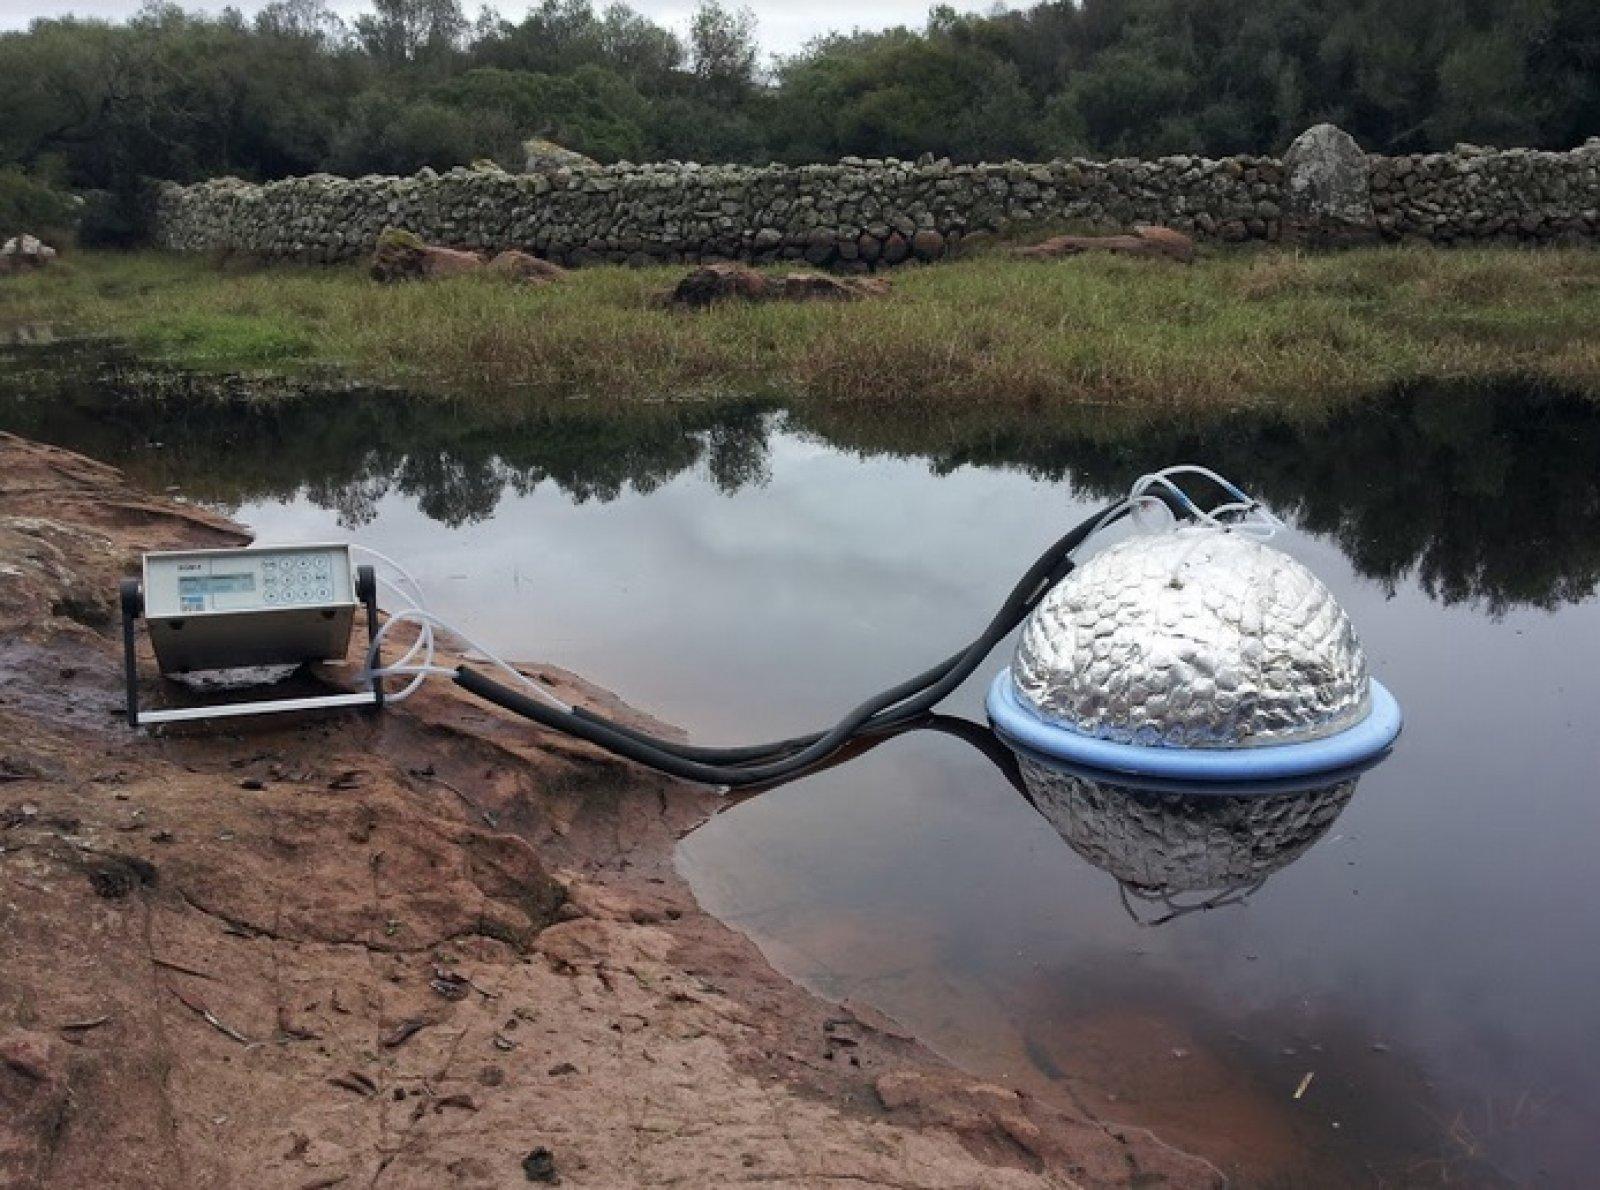 Estudi sobre les emissions de carboni en una bassa a Menorca